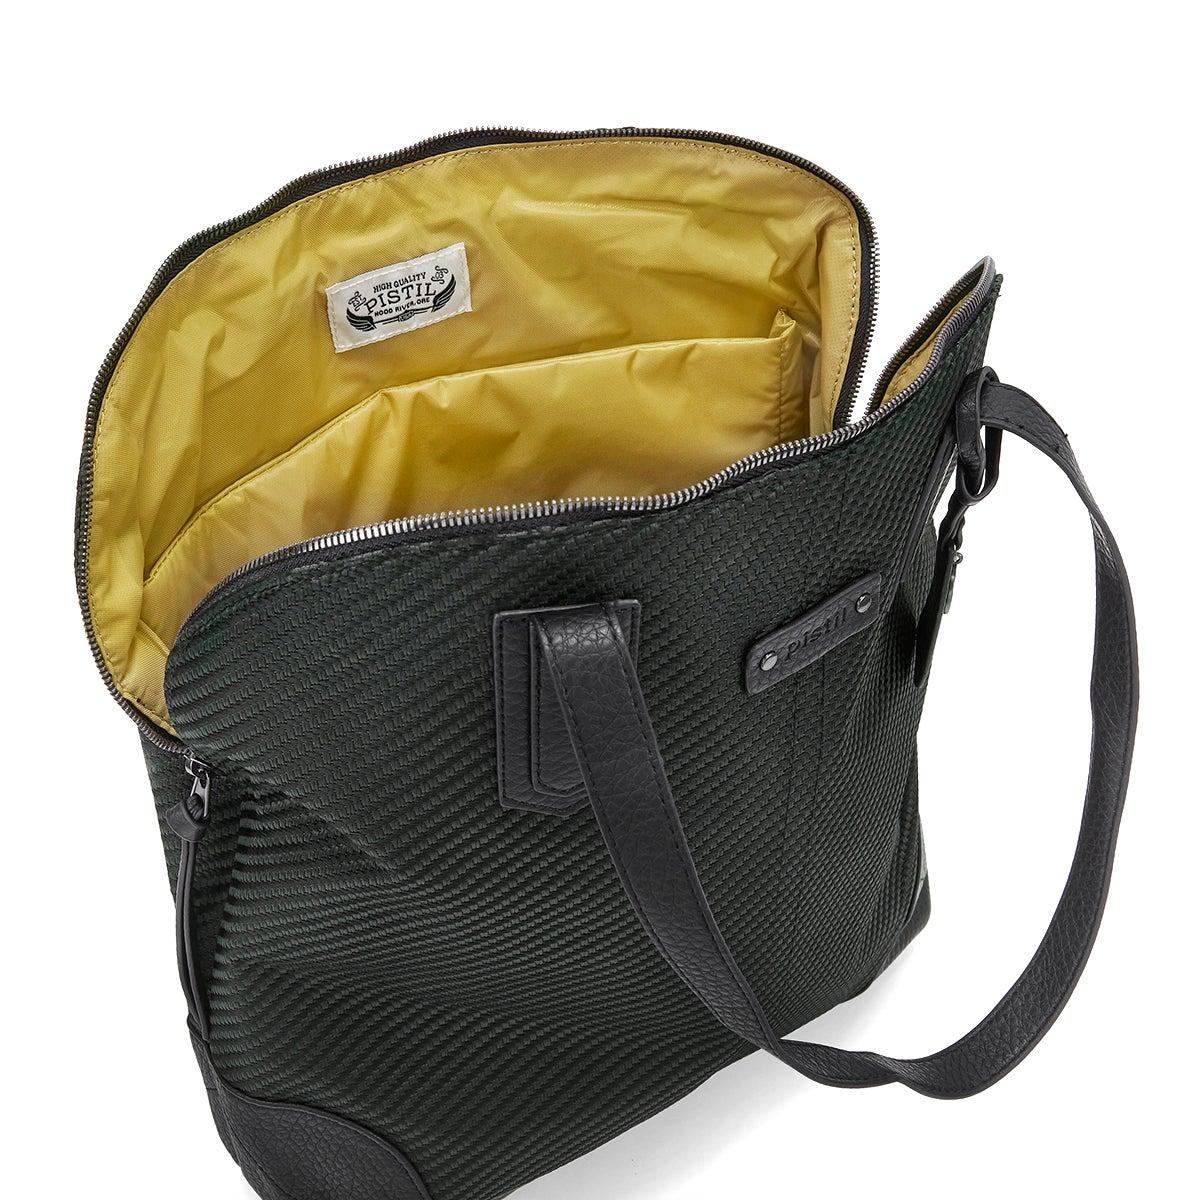 Lds Sure Thing obsidian shoulder bag